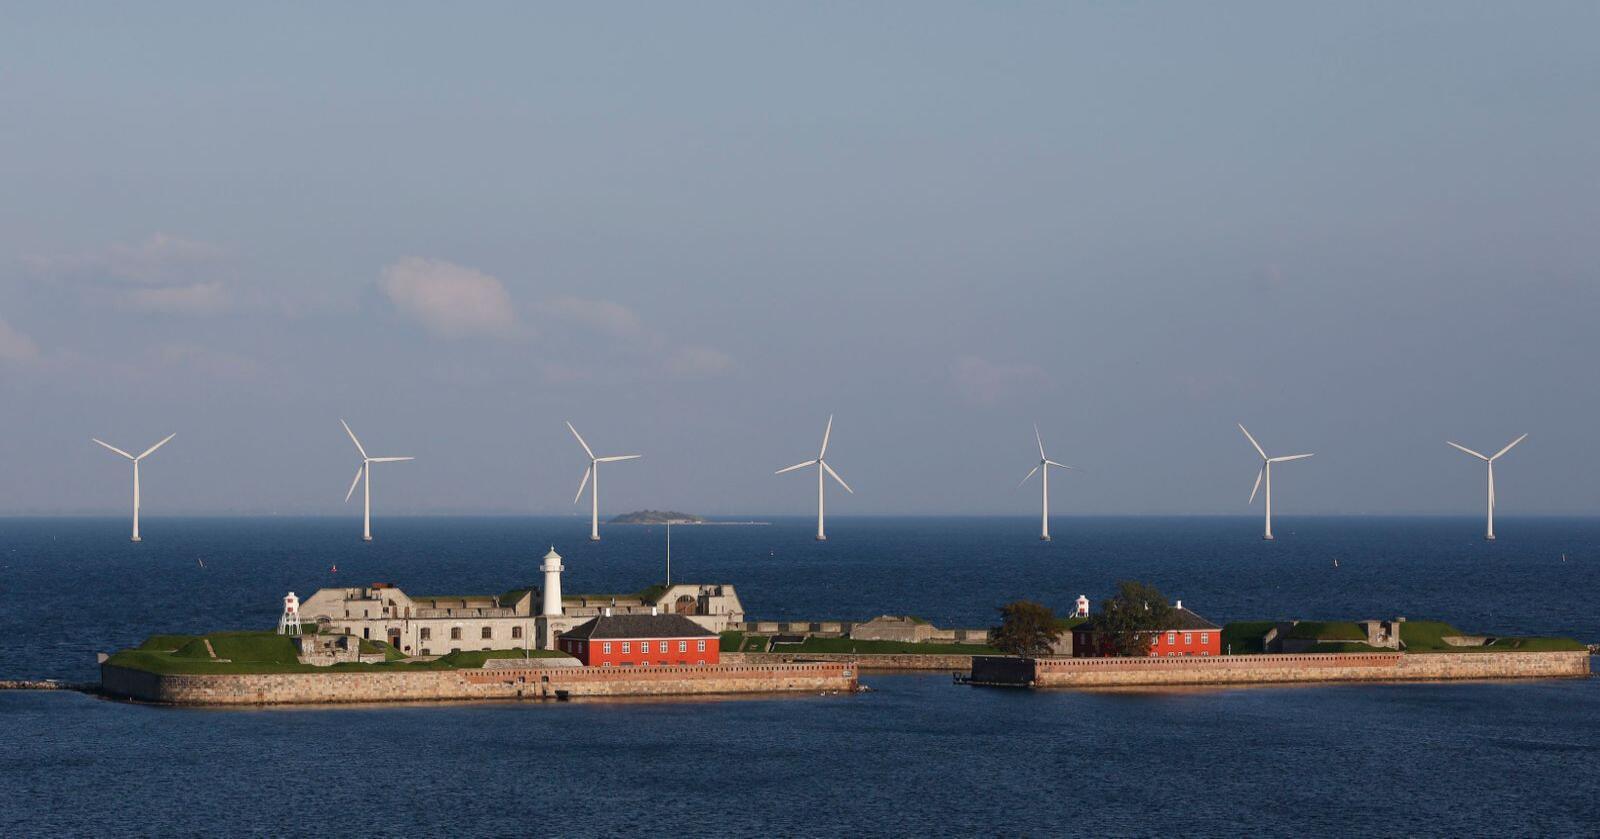 Havvind i Danmark, land som har vært tidlig ute i utviklingen av havvind kan ha fordeler. Foto: Paul Kleiven / NTB